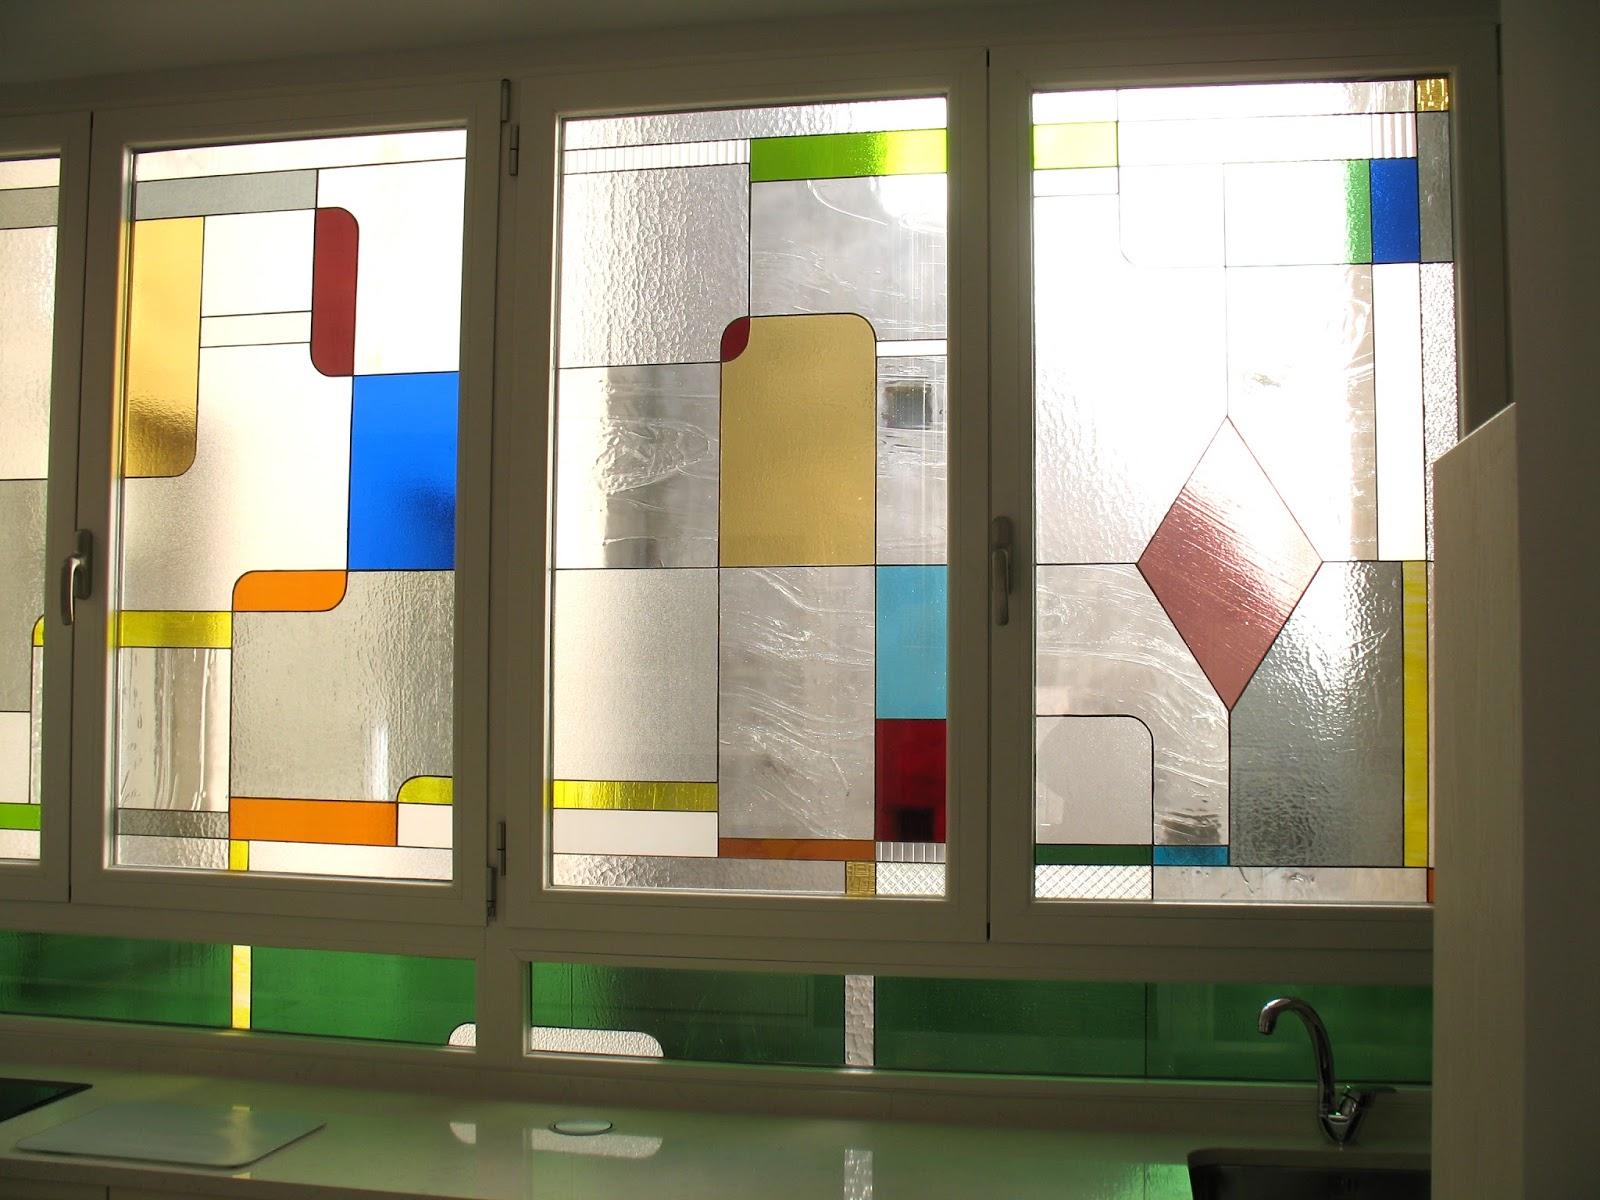 Opal vidrieras patio de luces for Patio de luces normativa